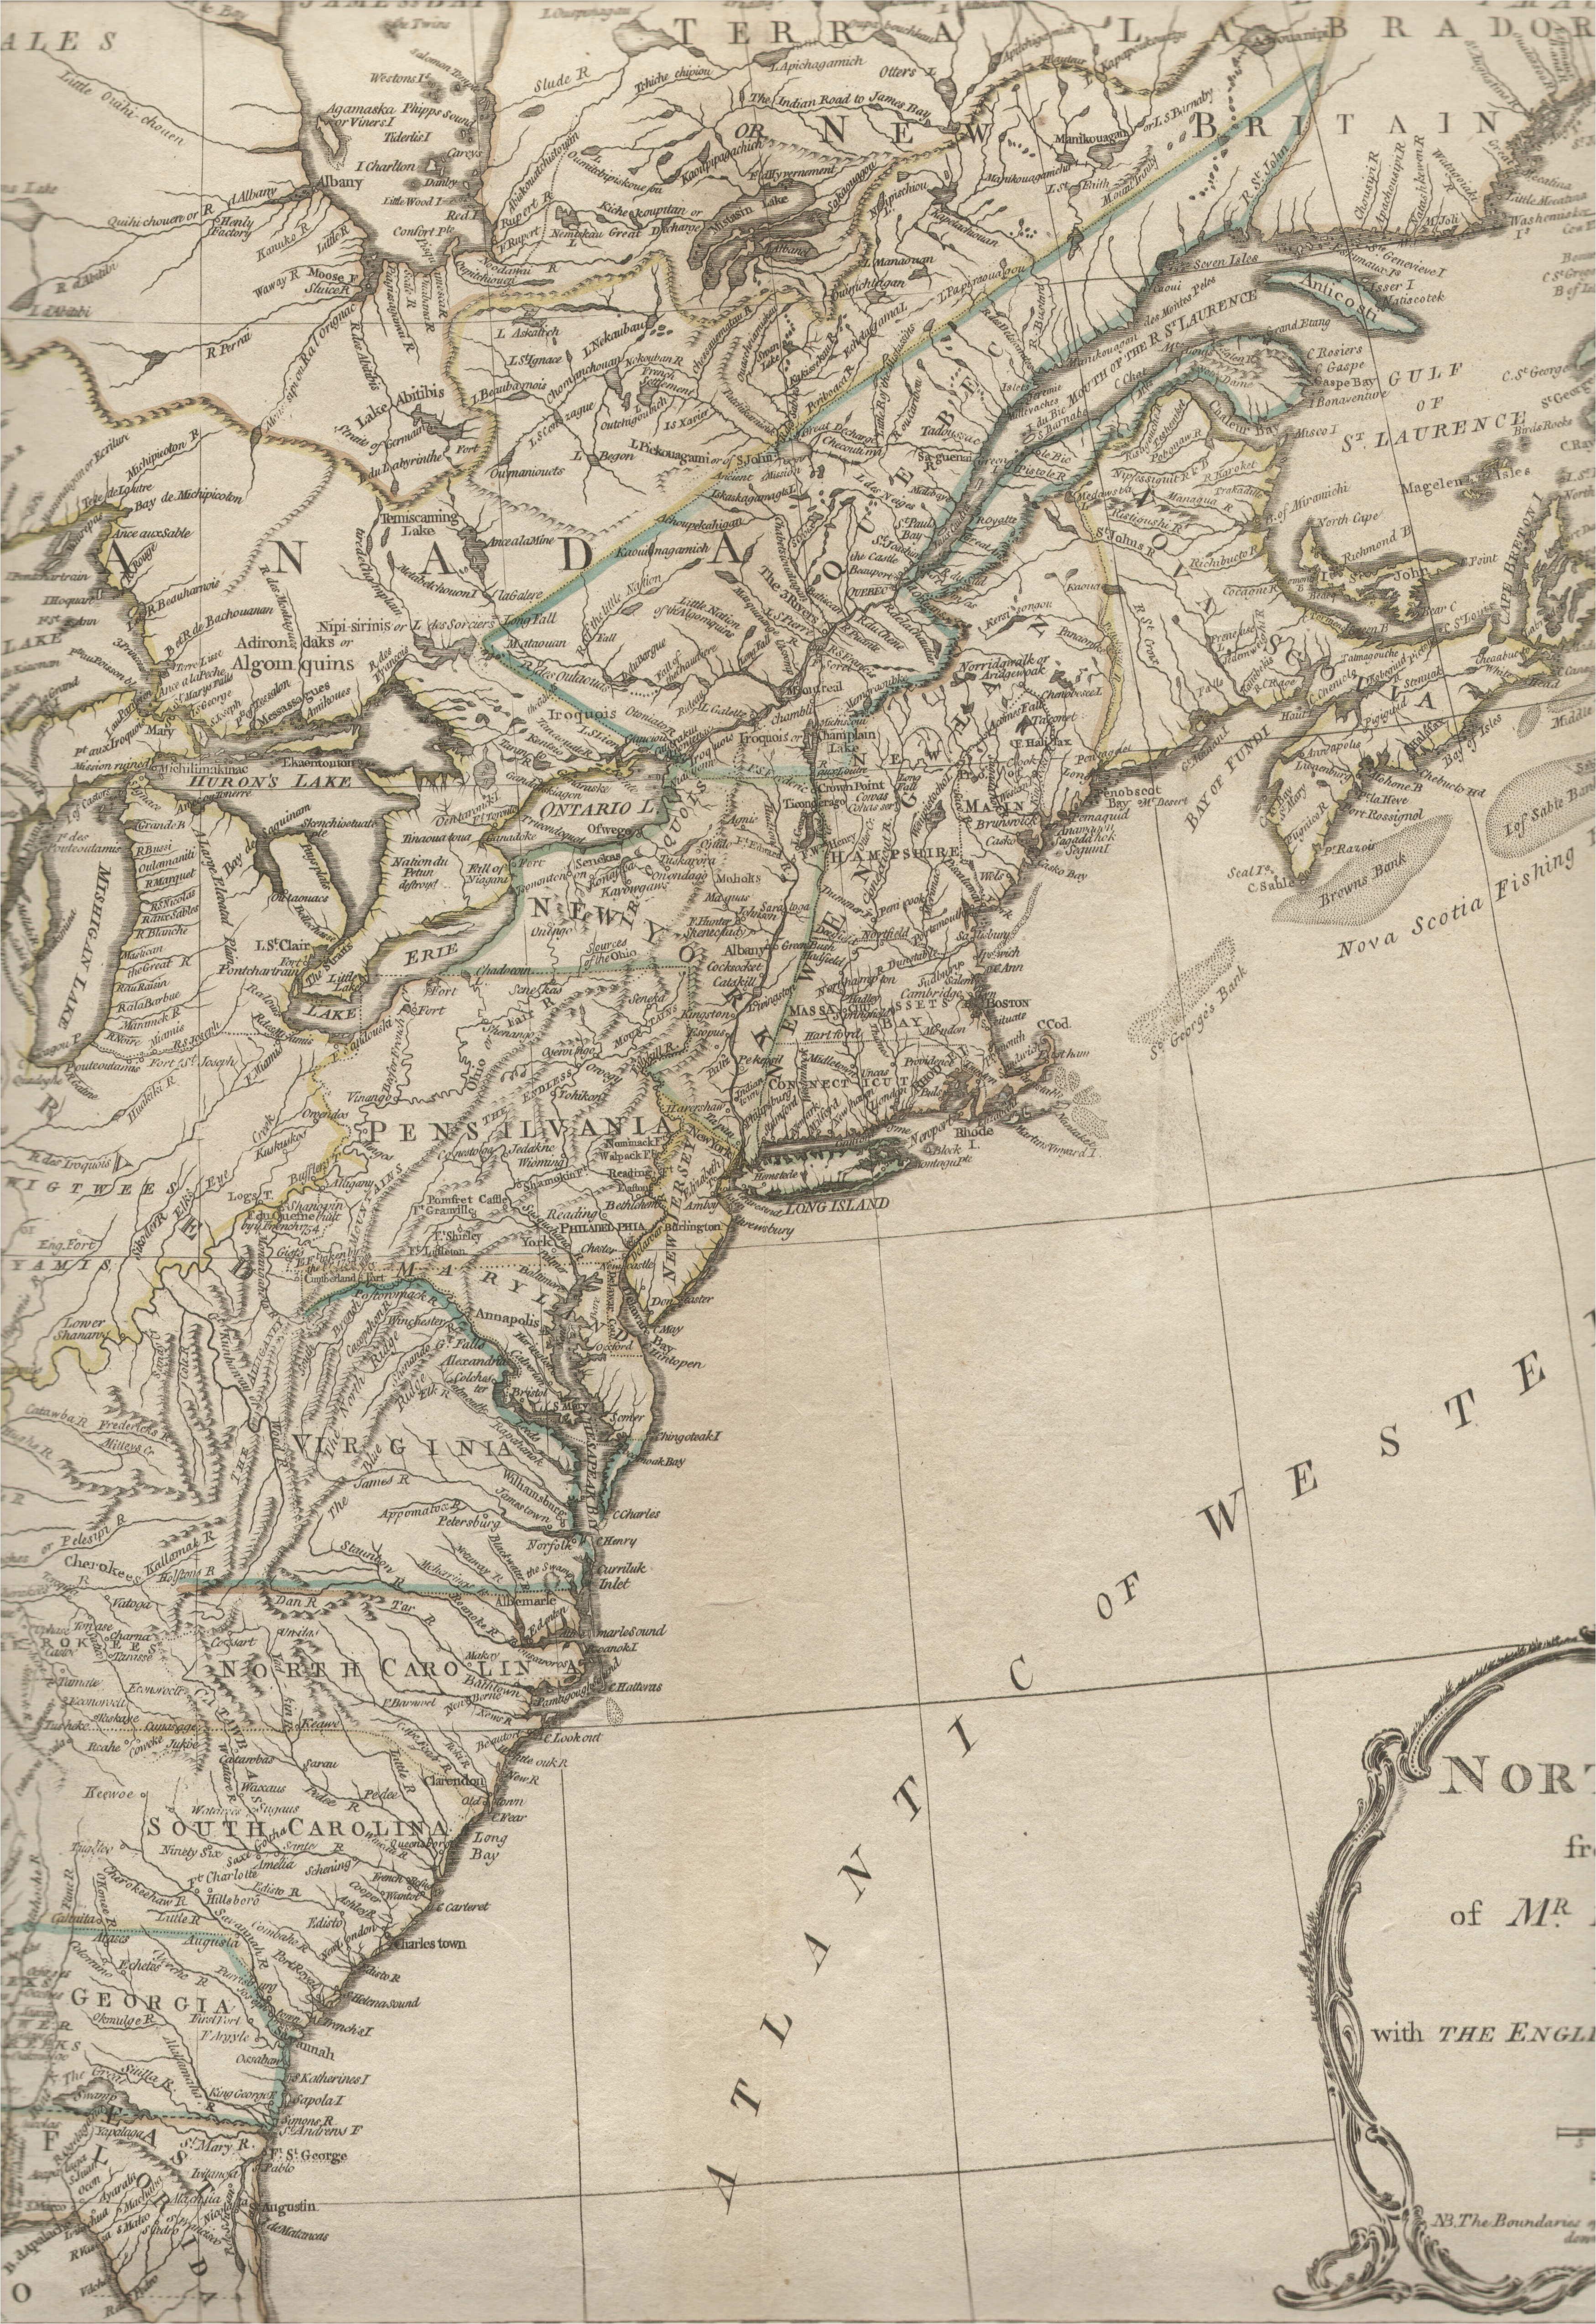 1775 to 1779 pennsylvania maps